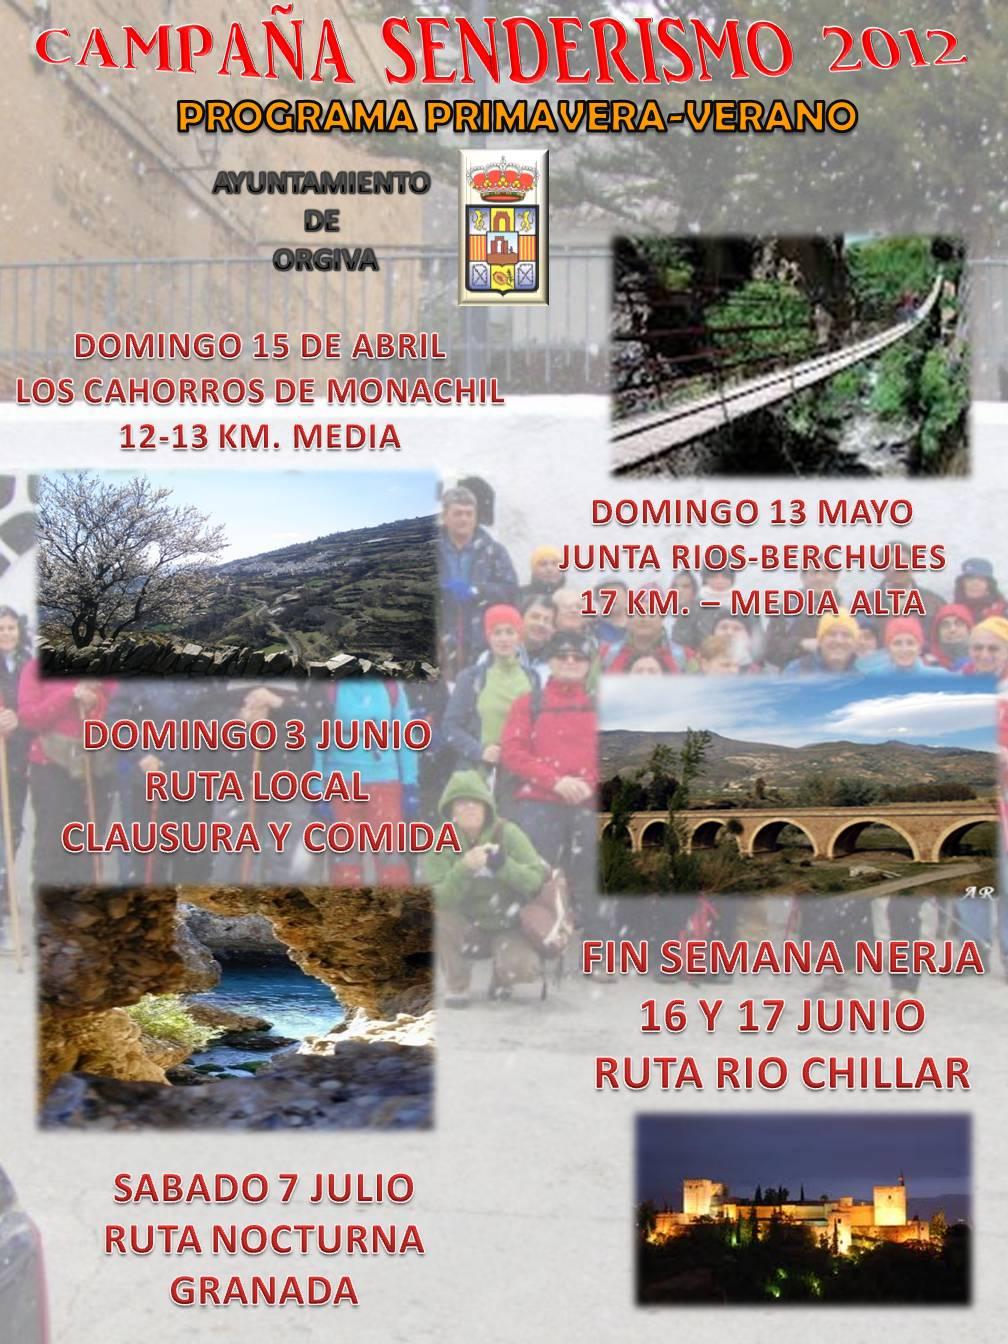 SENDERISMO PRIMAVERA - VERANO 2012